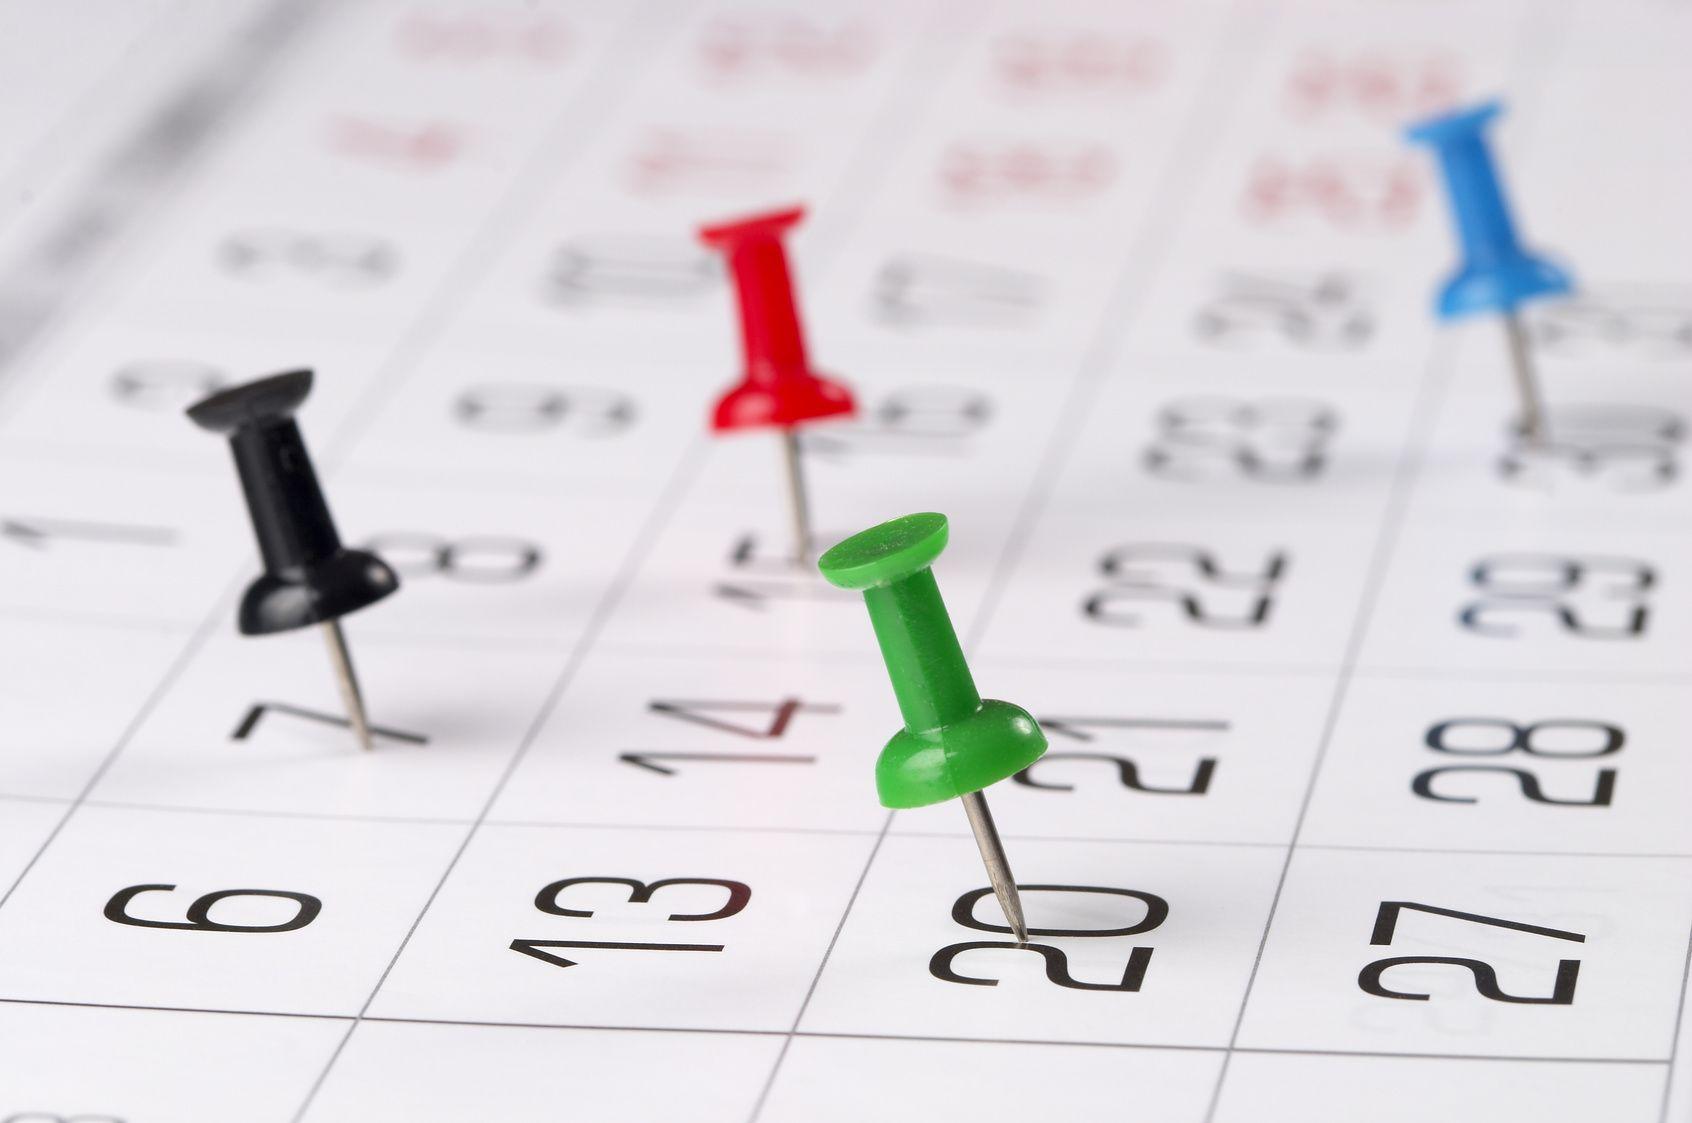 Besser planen, schneller fertig - 13 Tipps für die Bachelorarbeit oder Masterarbeit